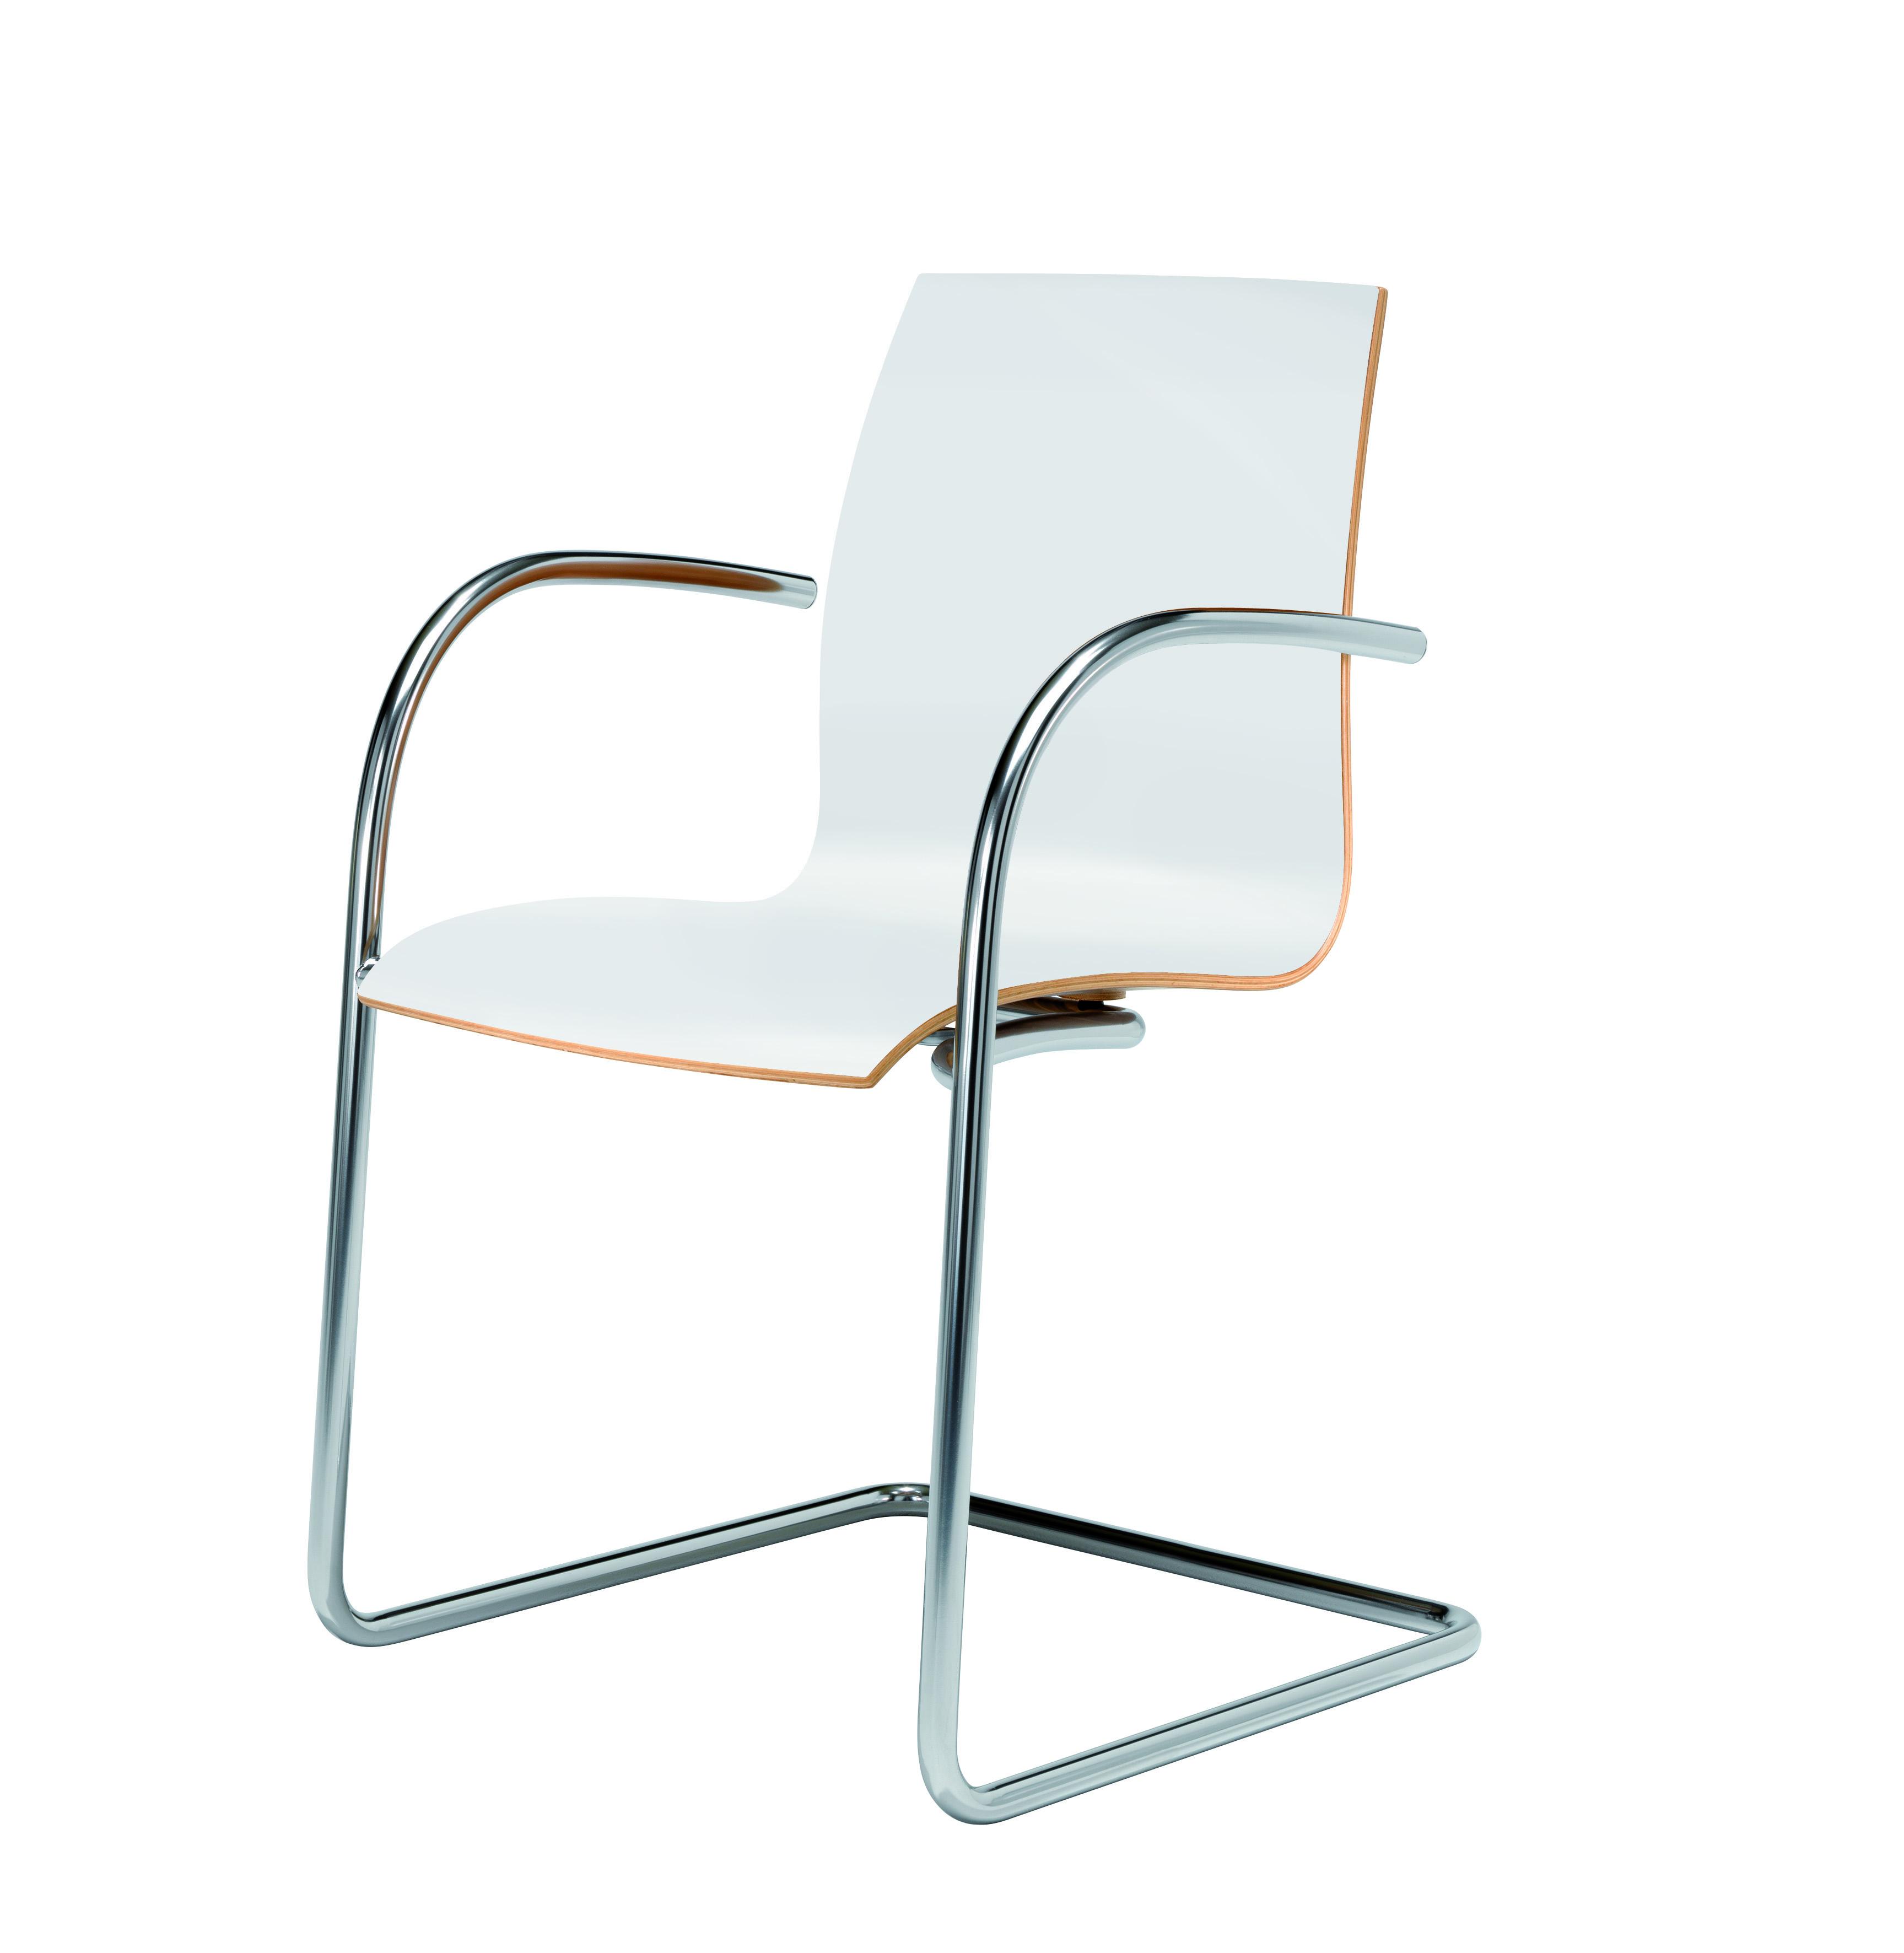 Comment Nettoyer Des Chaises En Plastique Blanc chaise luge trio evolution - coque stratifiée blanc - piétement époxy - non  chrome